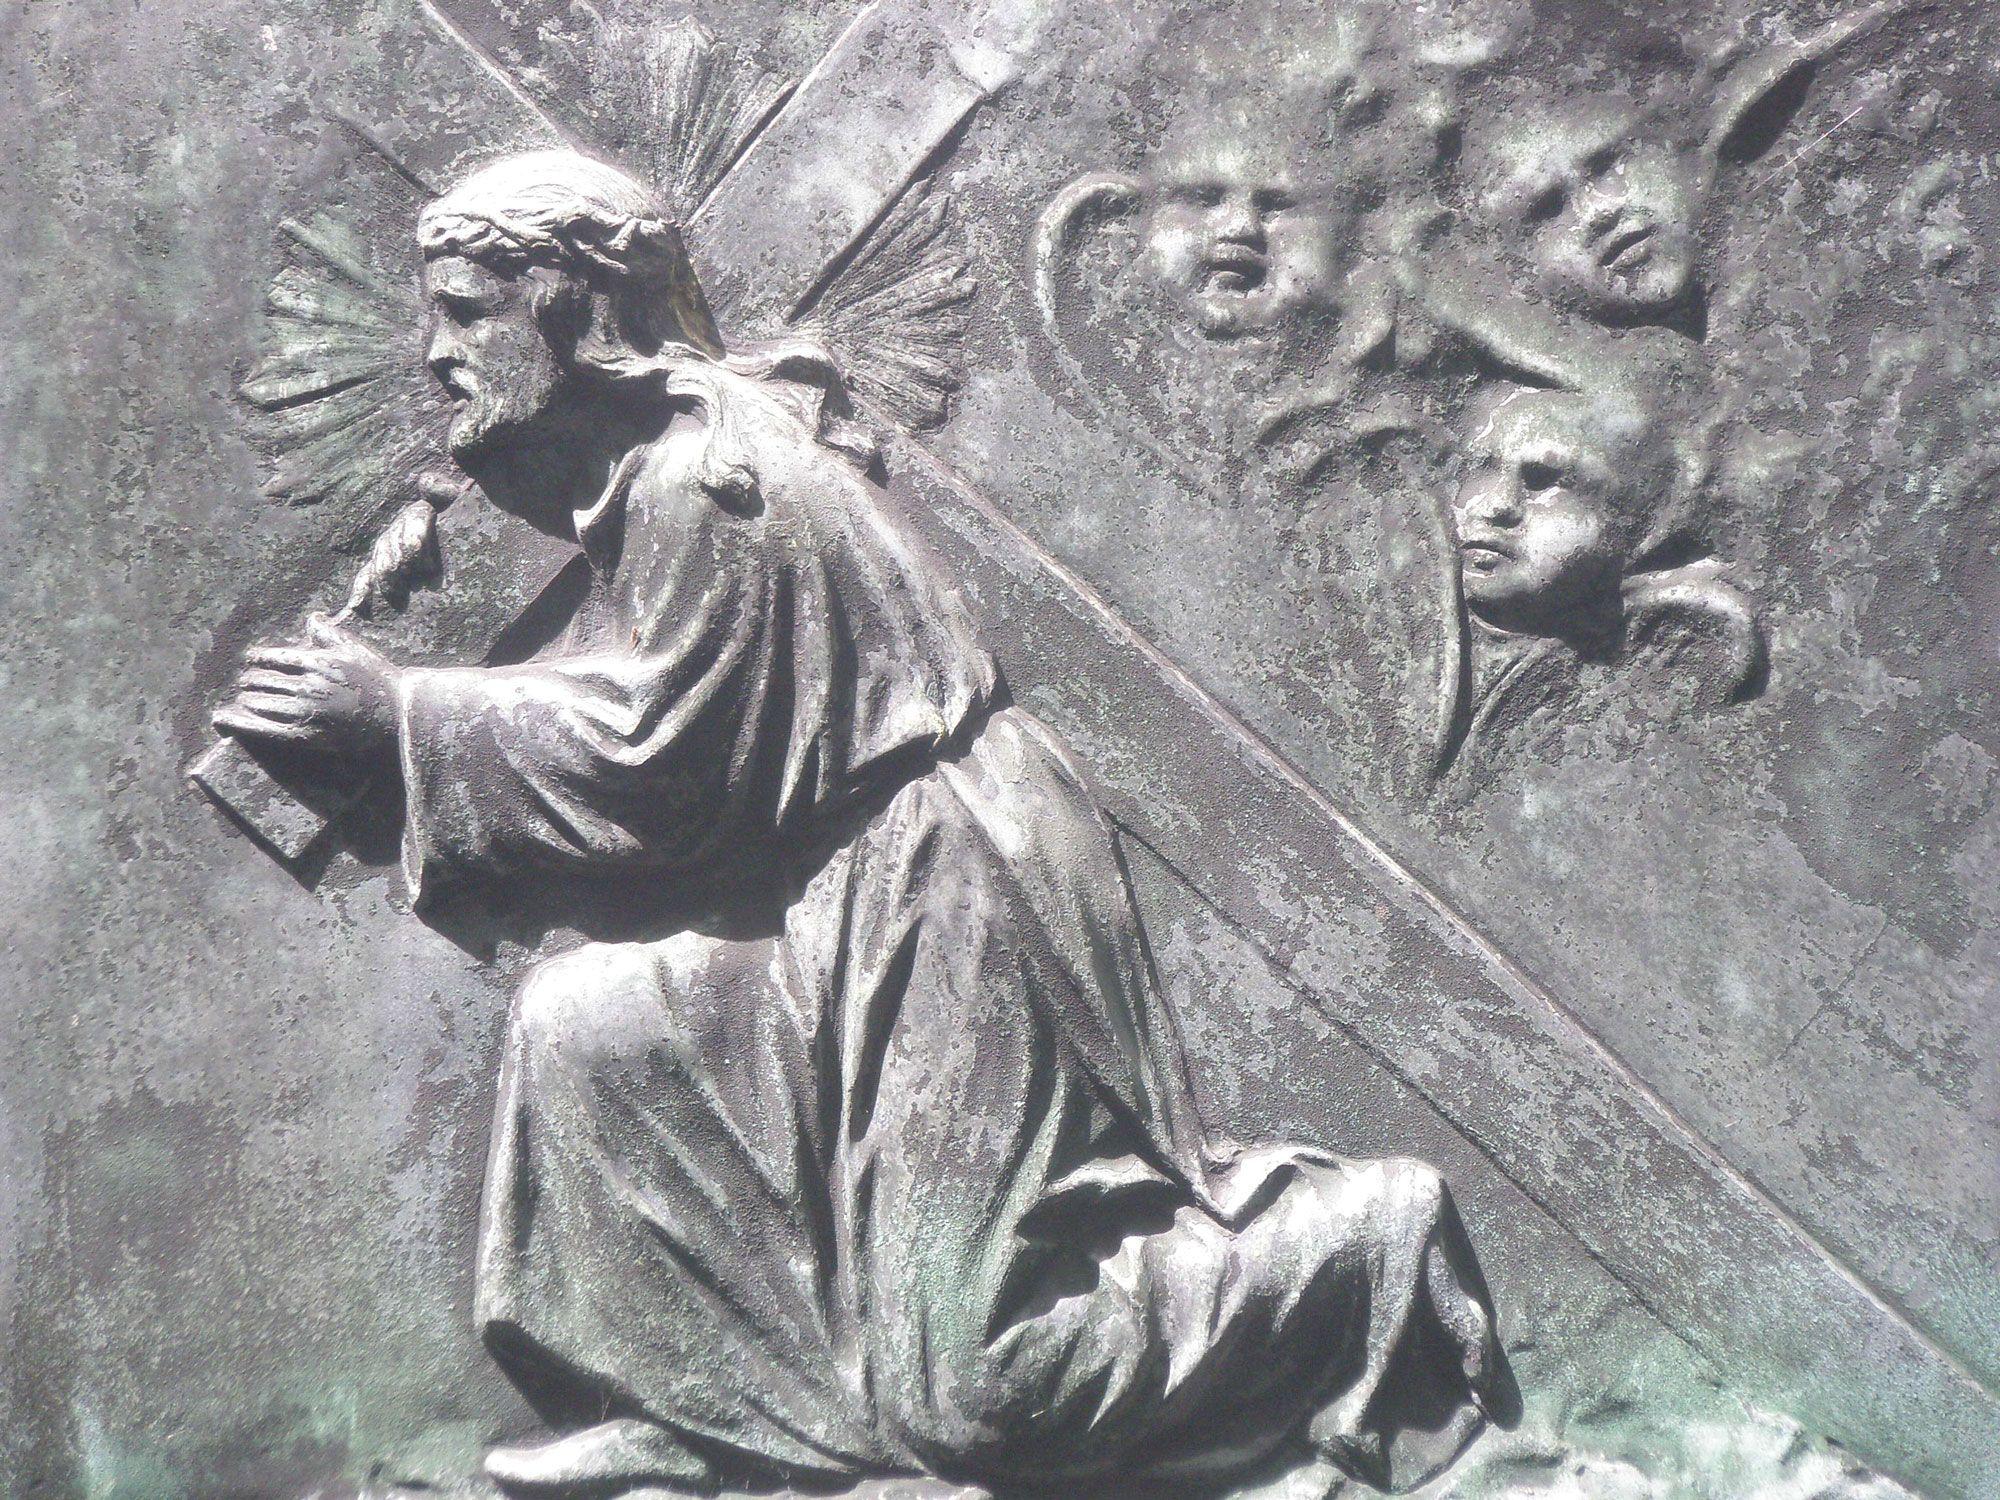 Jezus draagt zijn kruis naar Golgotha. Een van de vele zerkafbeeldingen.